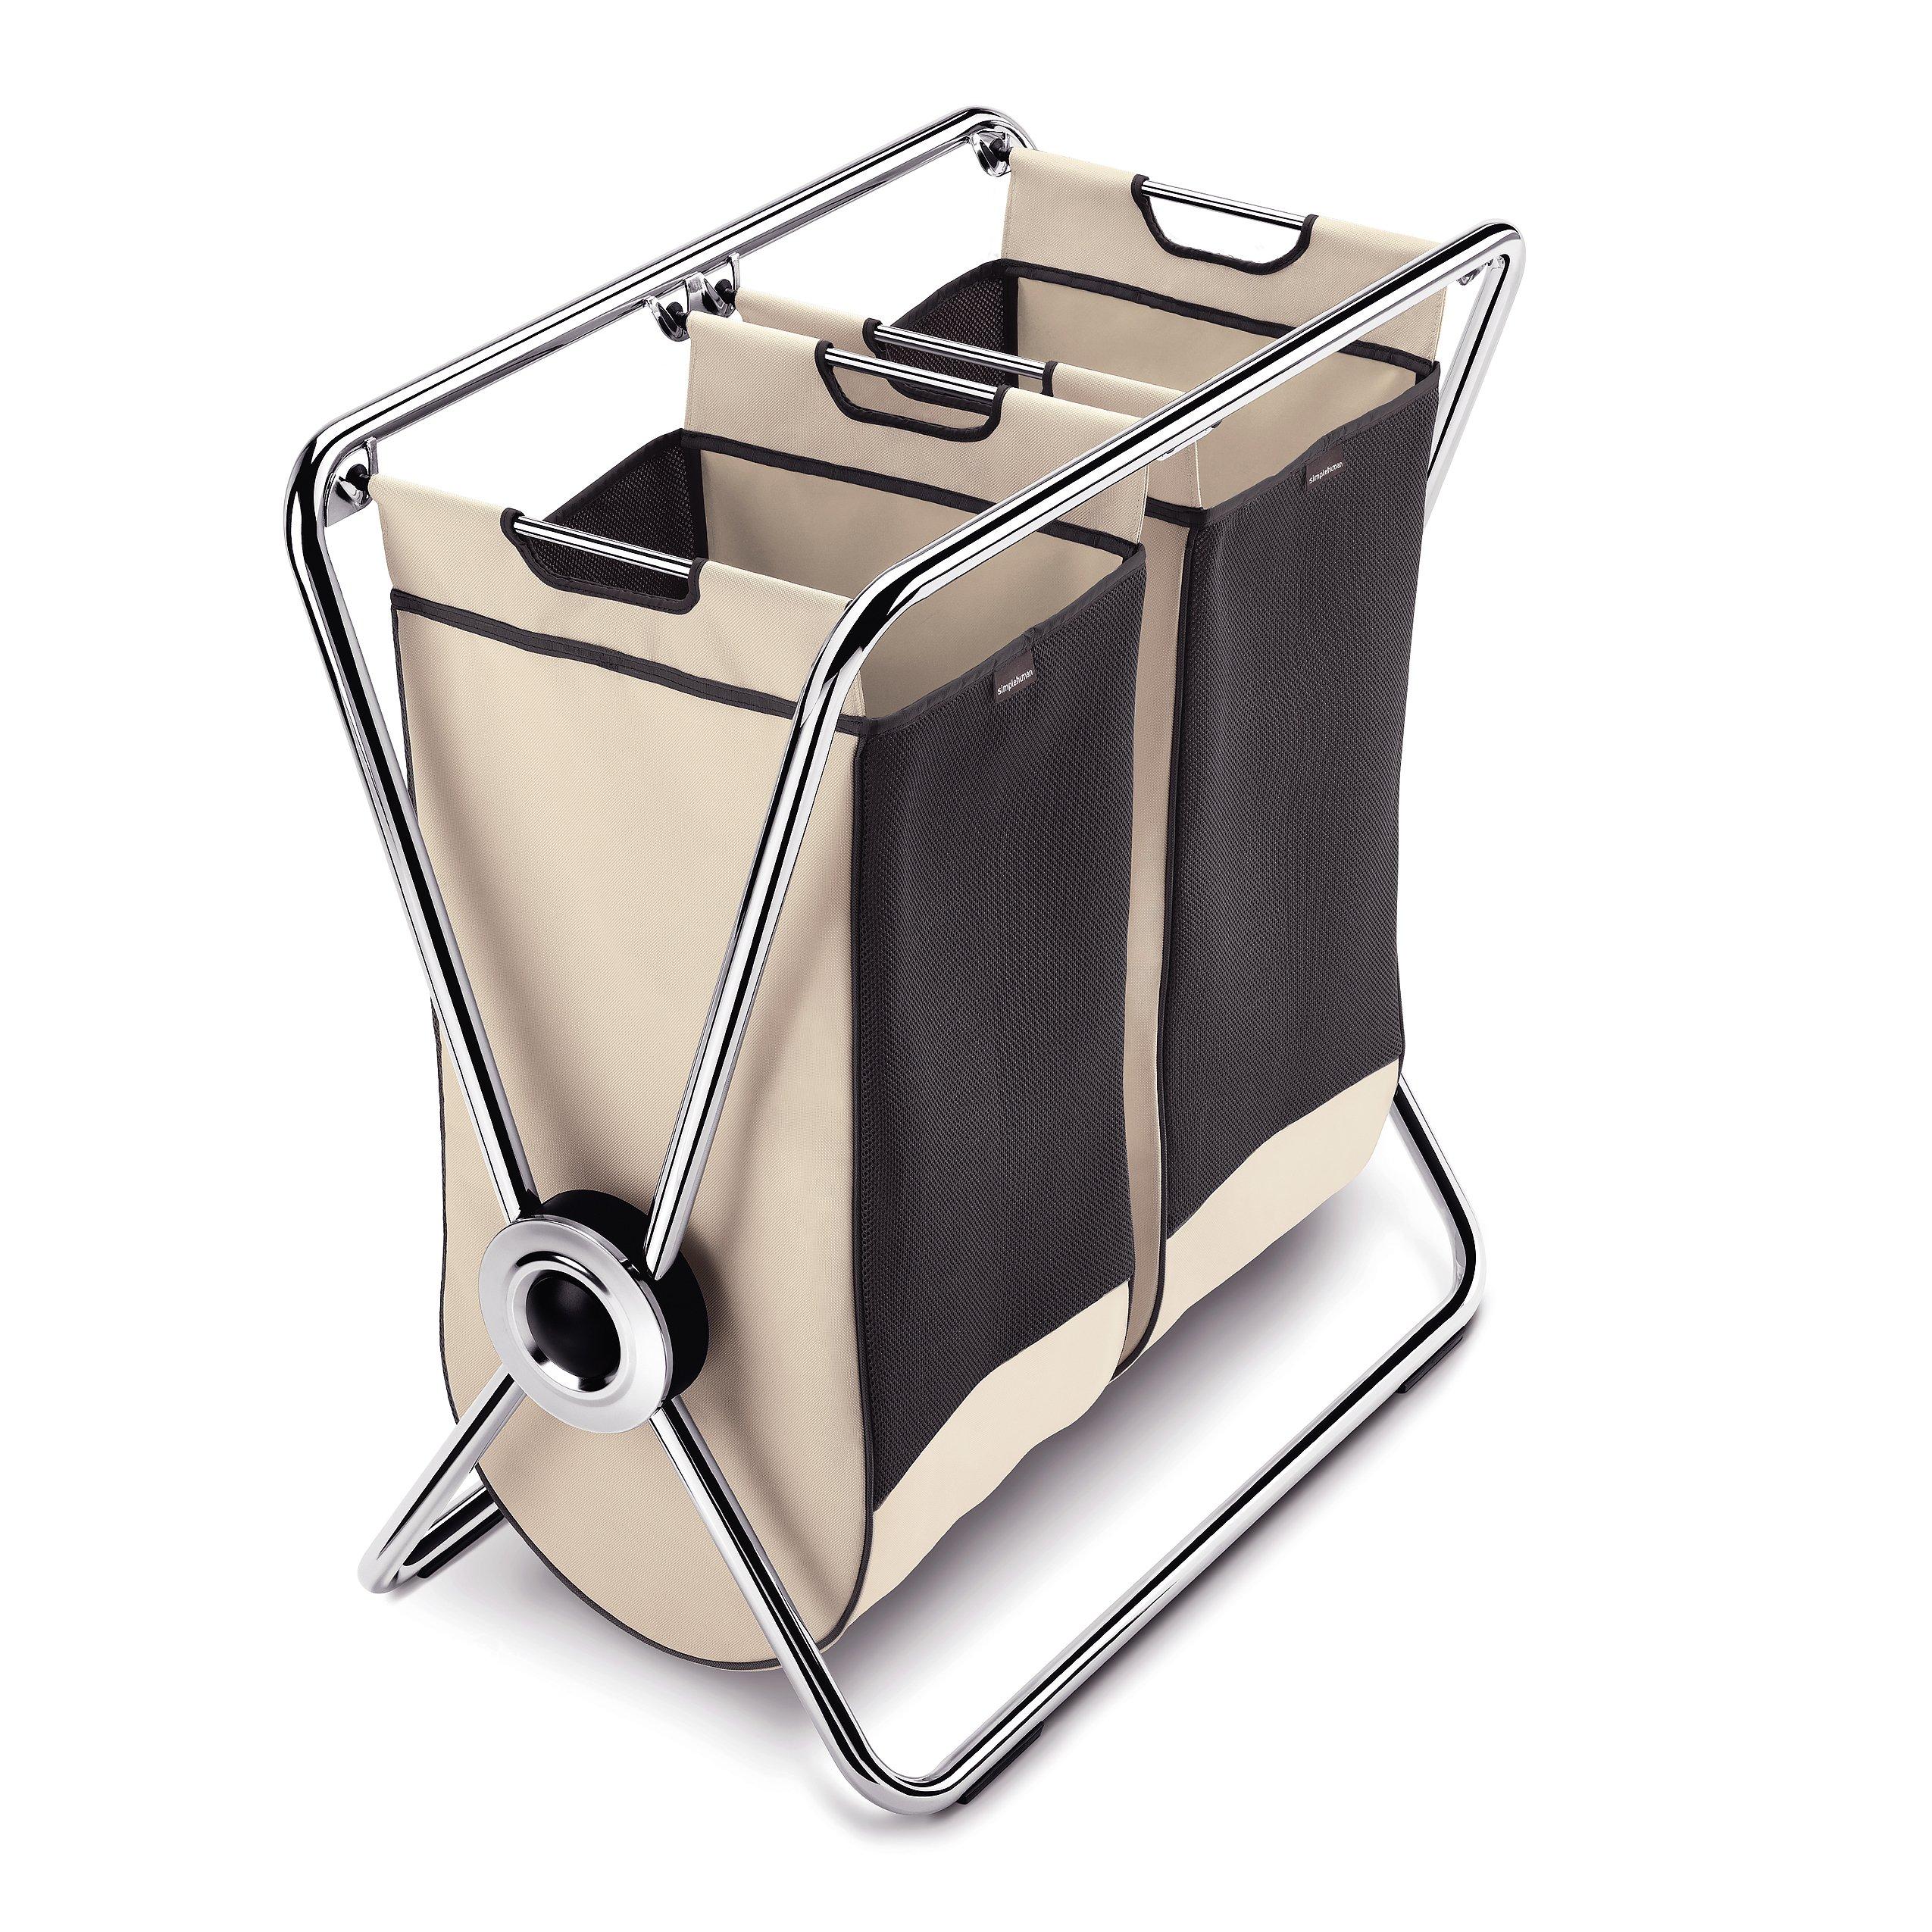 simplehuman - Portabiancheria doppio con struttura a X, acciaio cromato - garanzia 5 anni